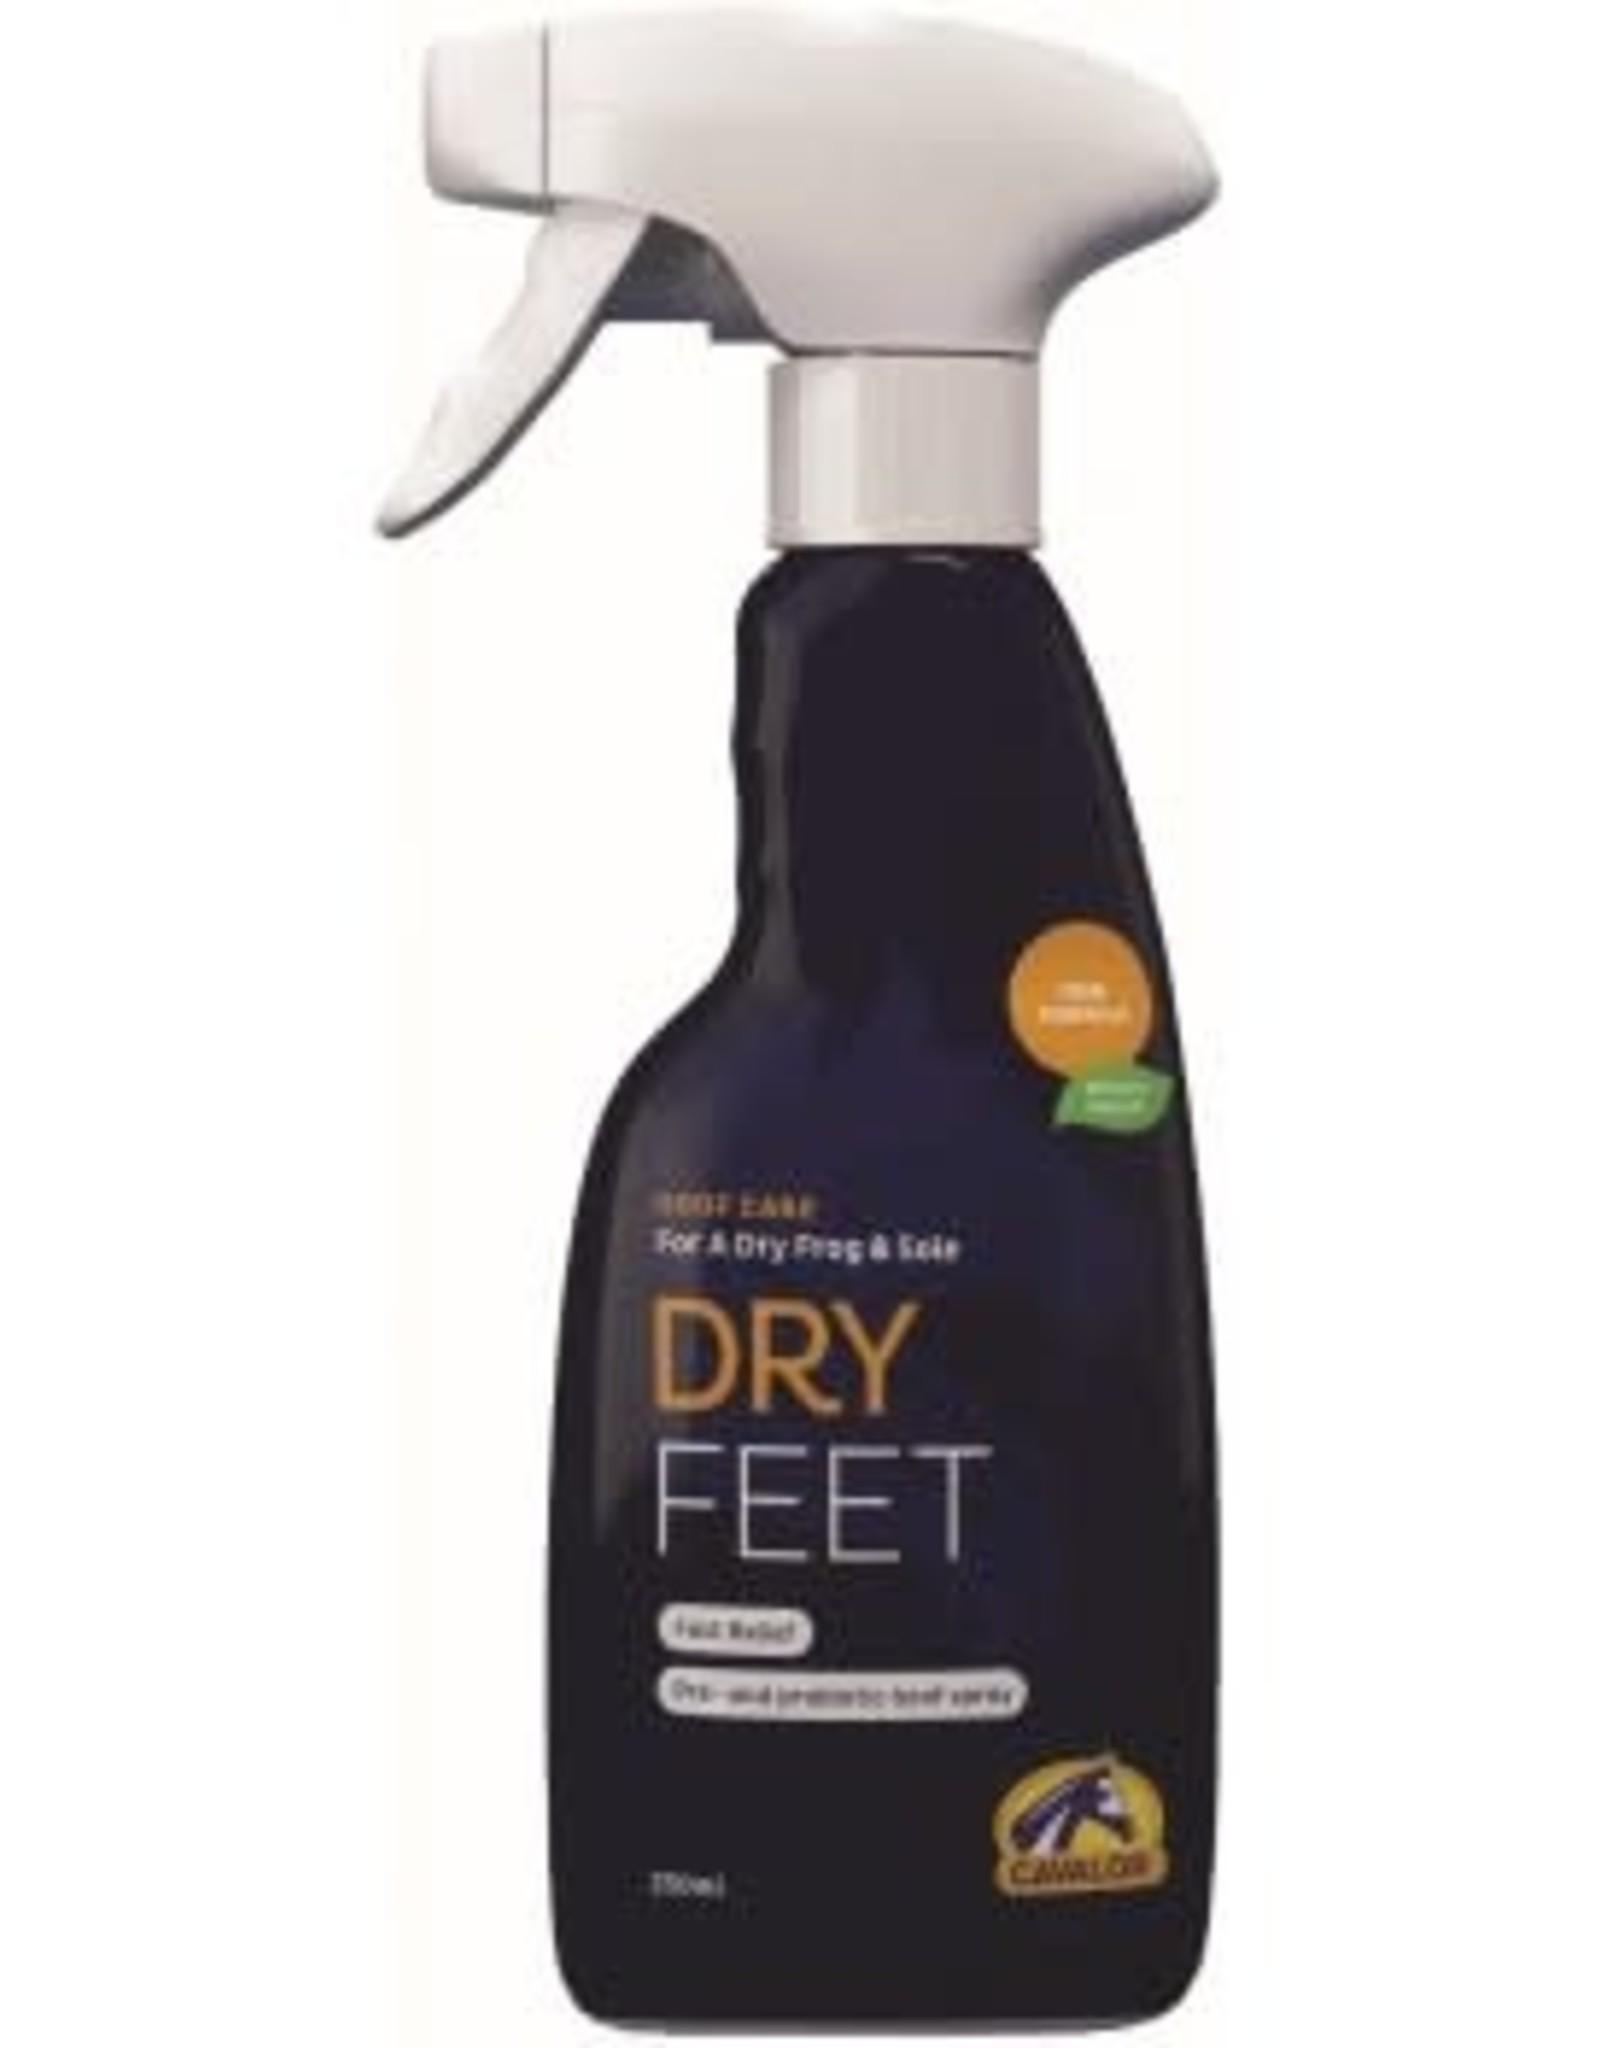 CAVALOR DRY FEET, 250 ML